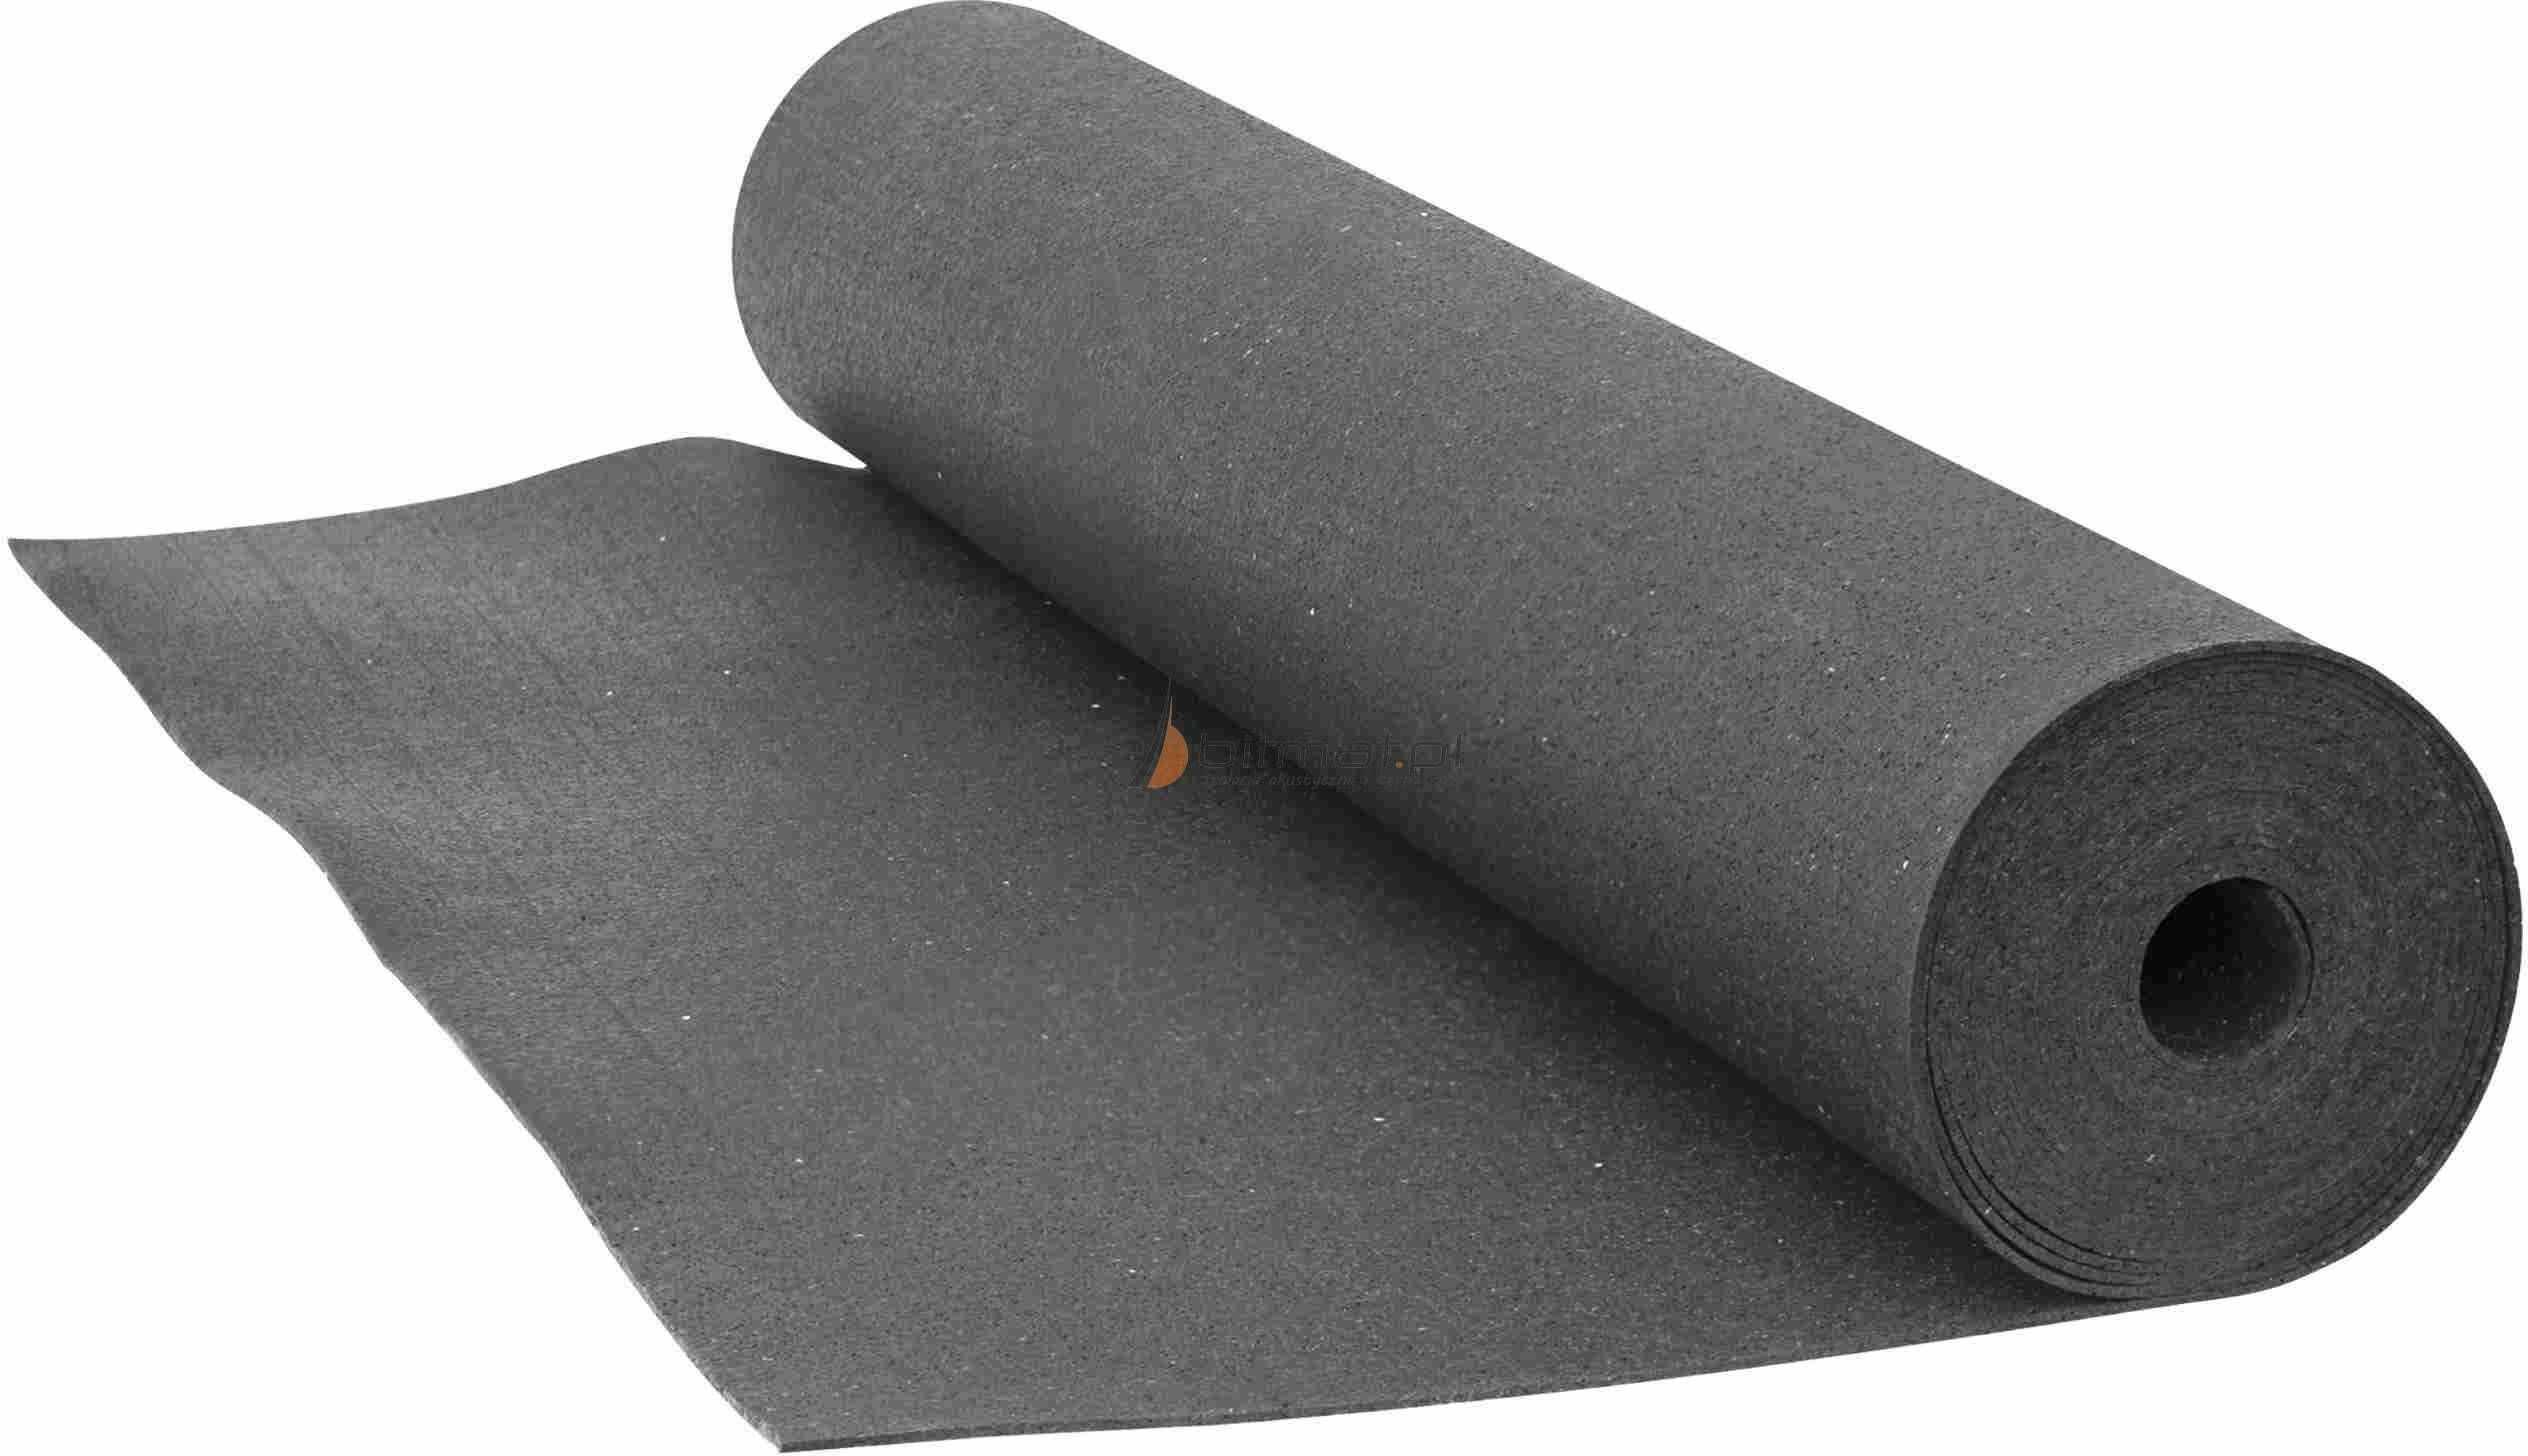 Guma 3mm 5mm antywibracyjna strop ściana podłoga